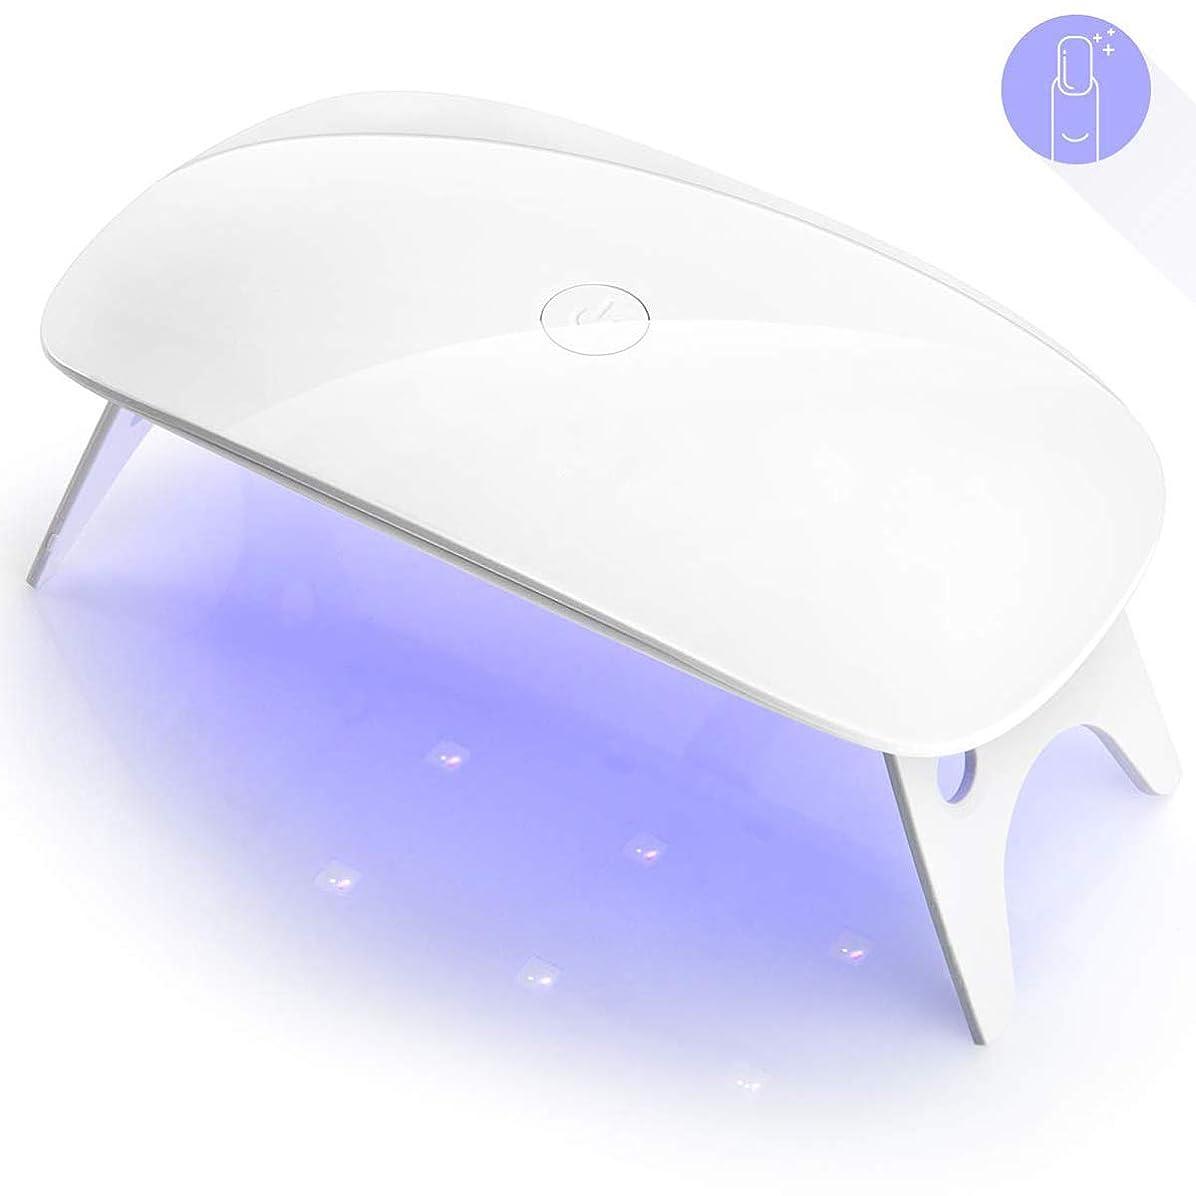 ハンディベーコン感謝LEDネイルドライヤー UVライト 電動ネイルケア 型 携帯バッテリー ネイルケアセットコンパクト コンパクトカメラ